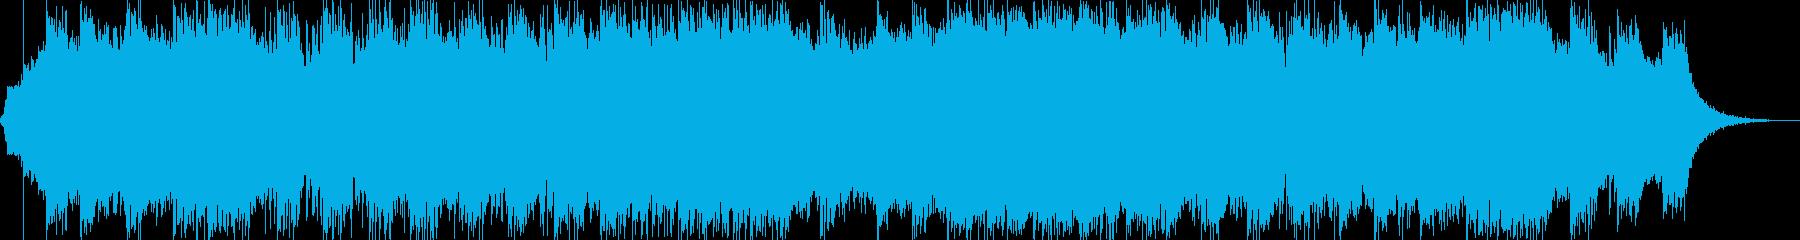 ダークファンタジーオーケストラ戦闘曲48の再生済みの波形